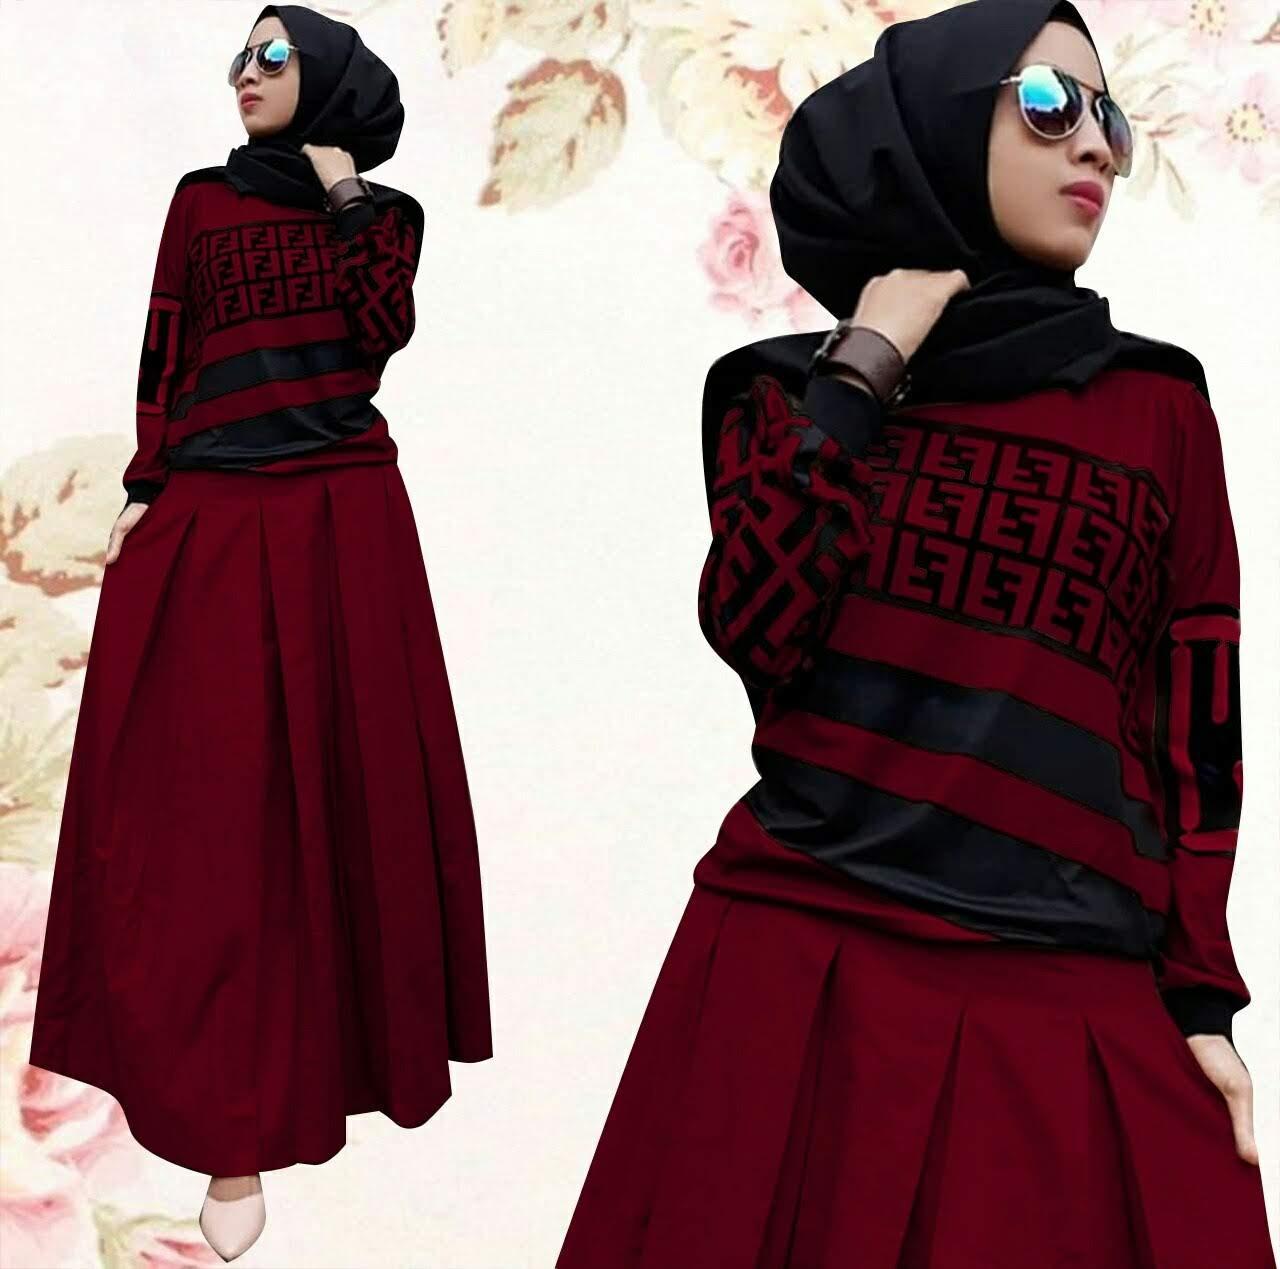 Setelan Baju Wanita Muslim - Setelan Fendos - Fashionable